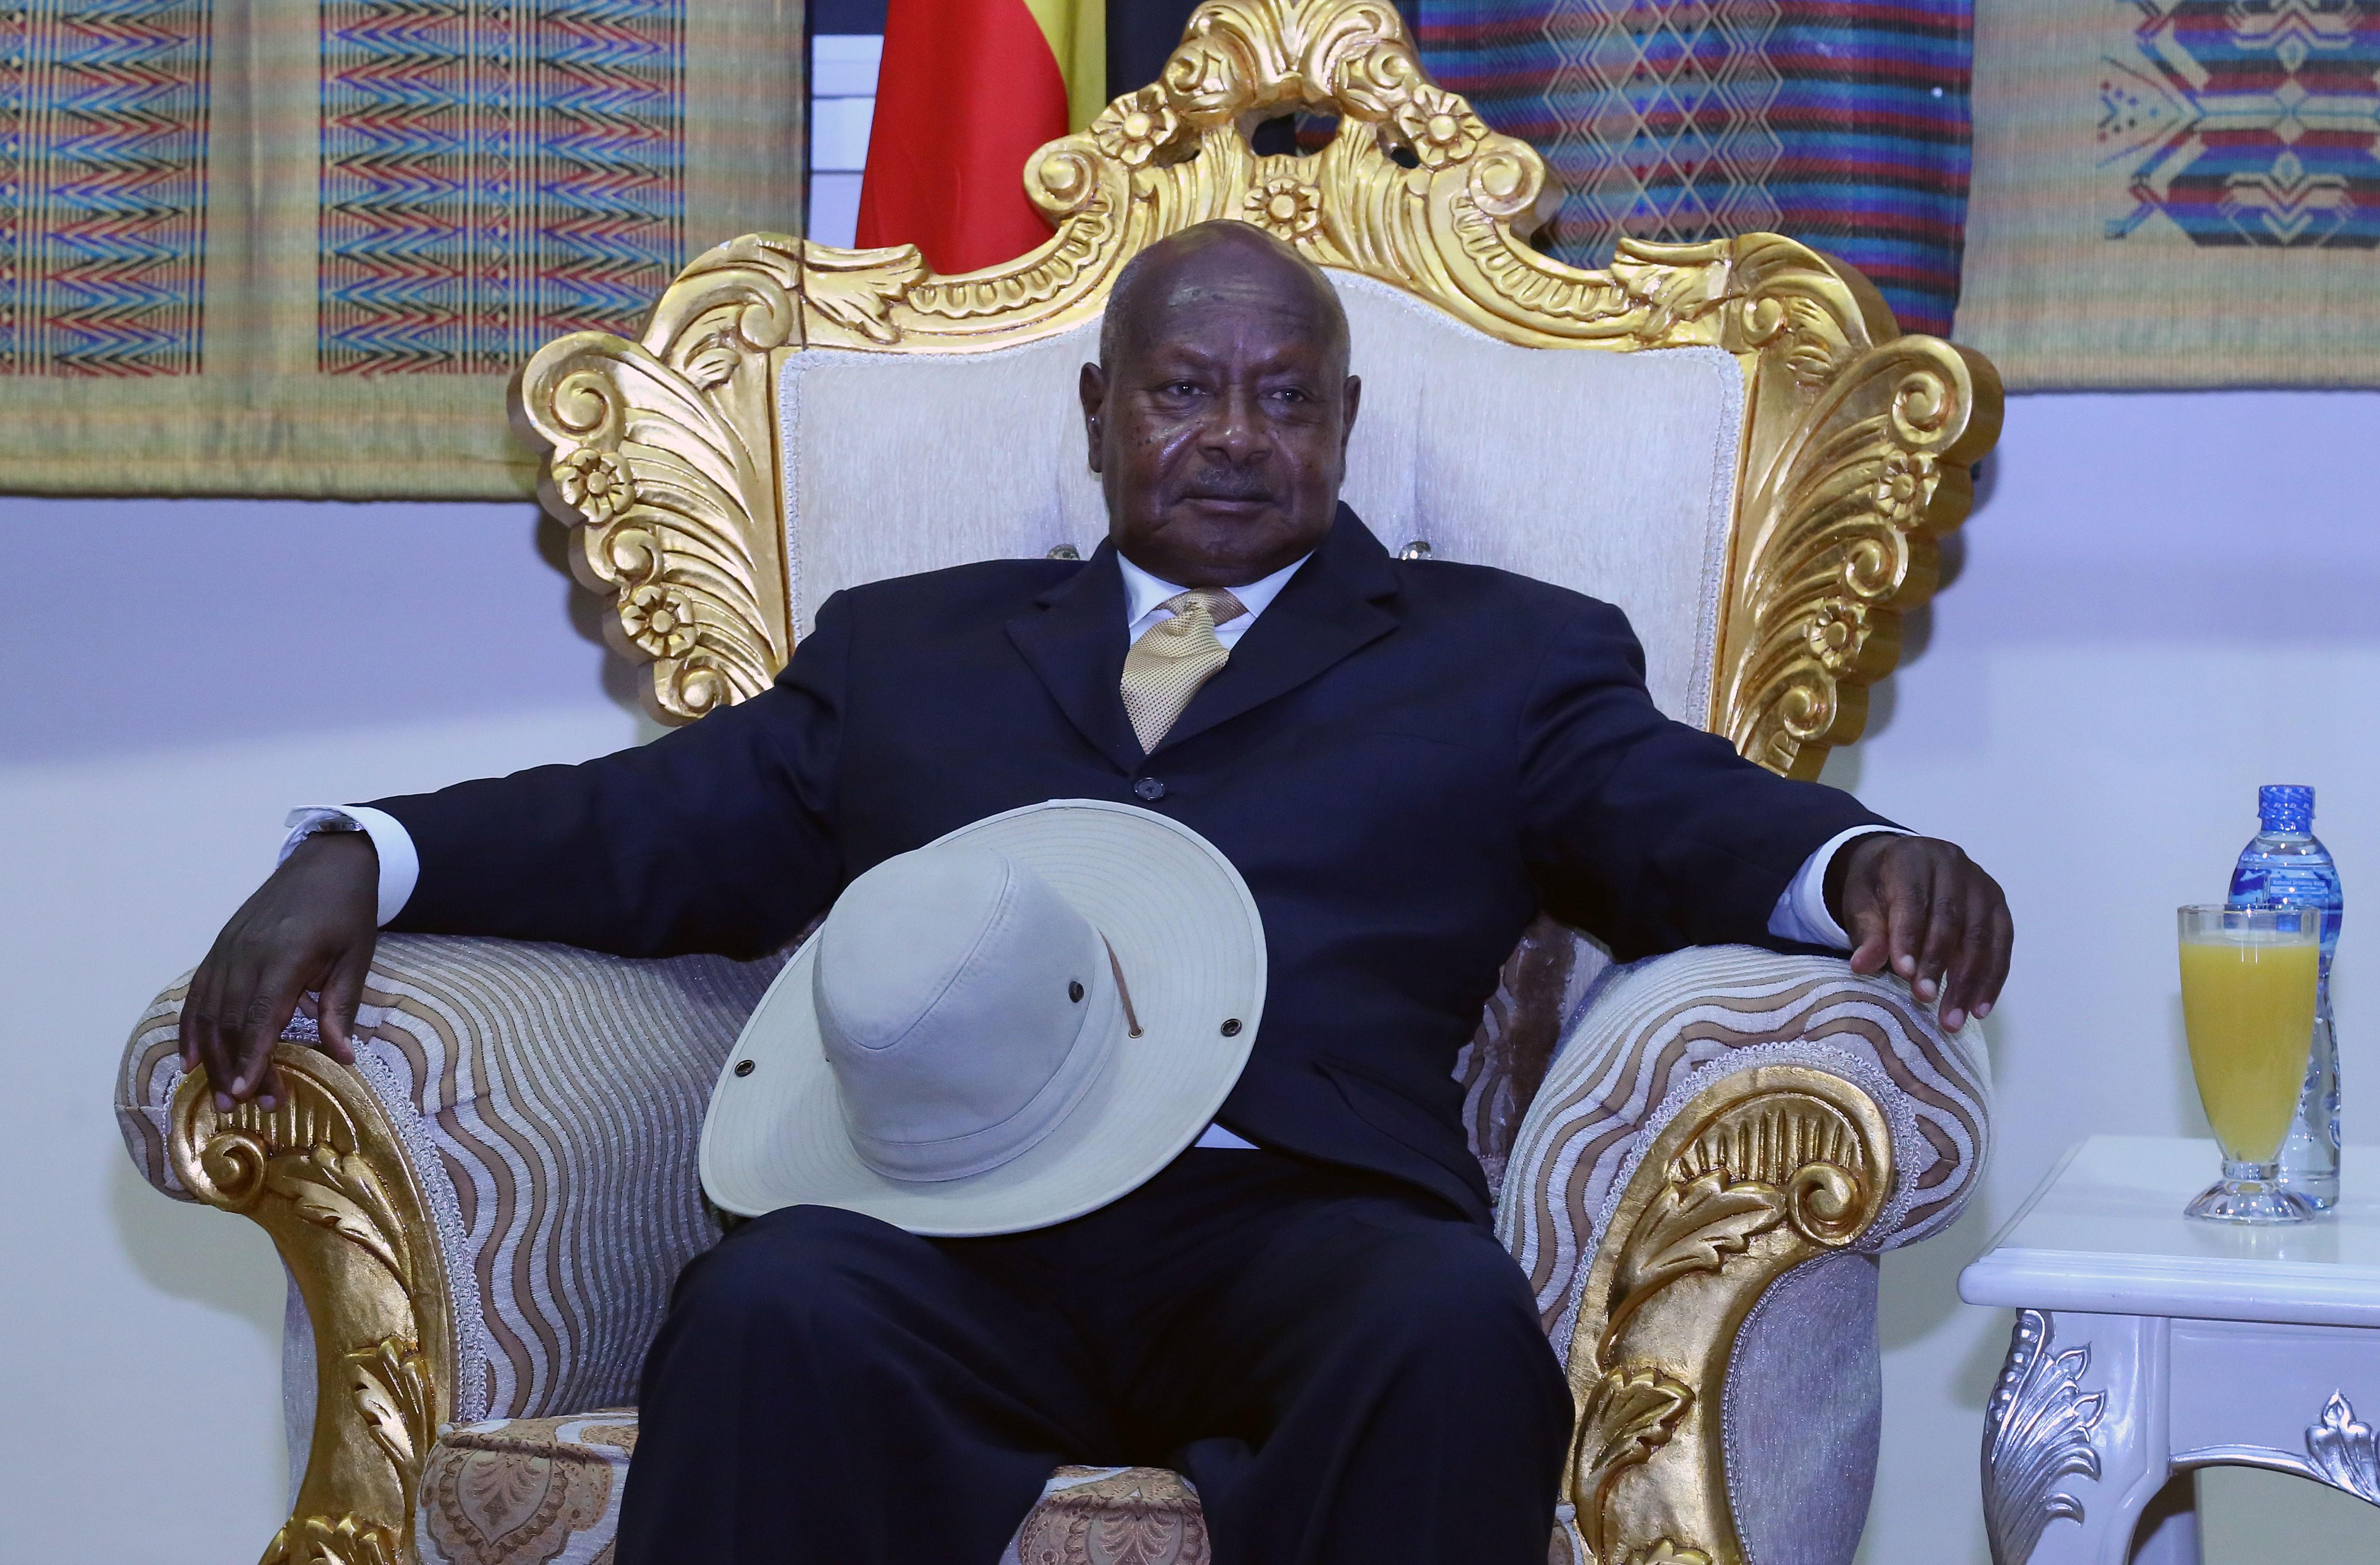 Elzavarták az USA ugandai nagykövetét a rendőrök az ellenzék vezérének házától